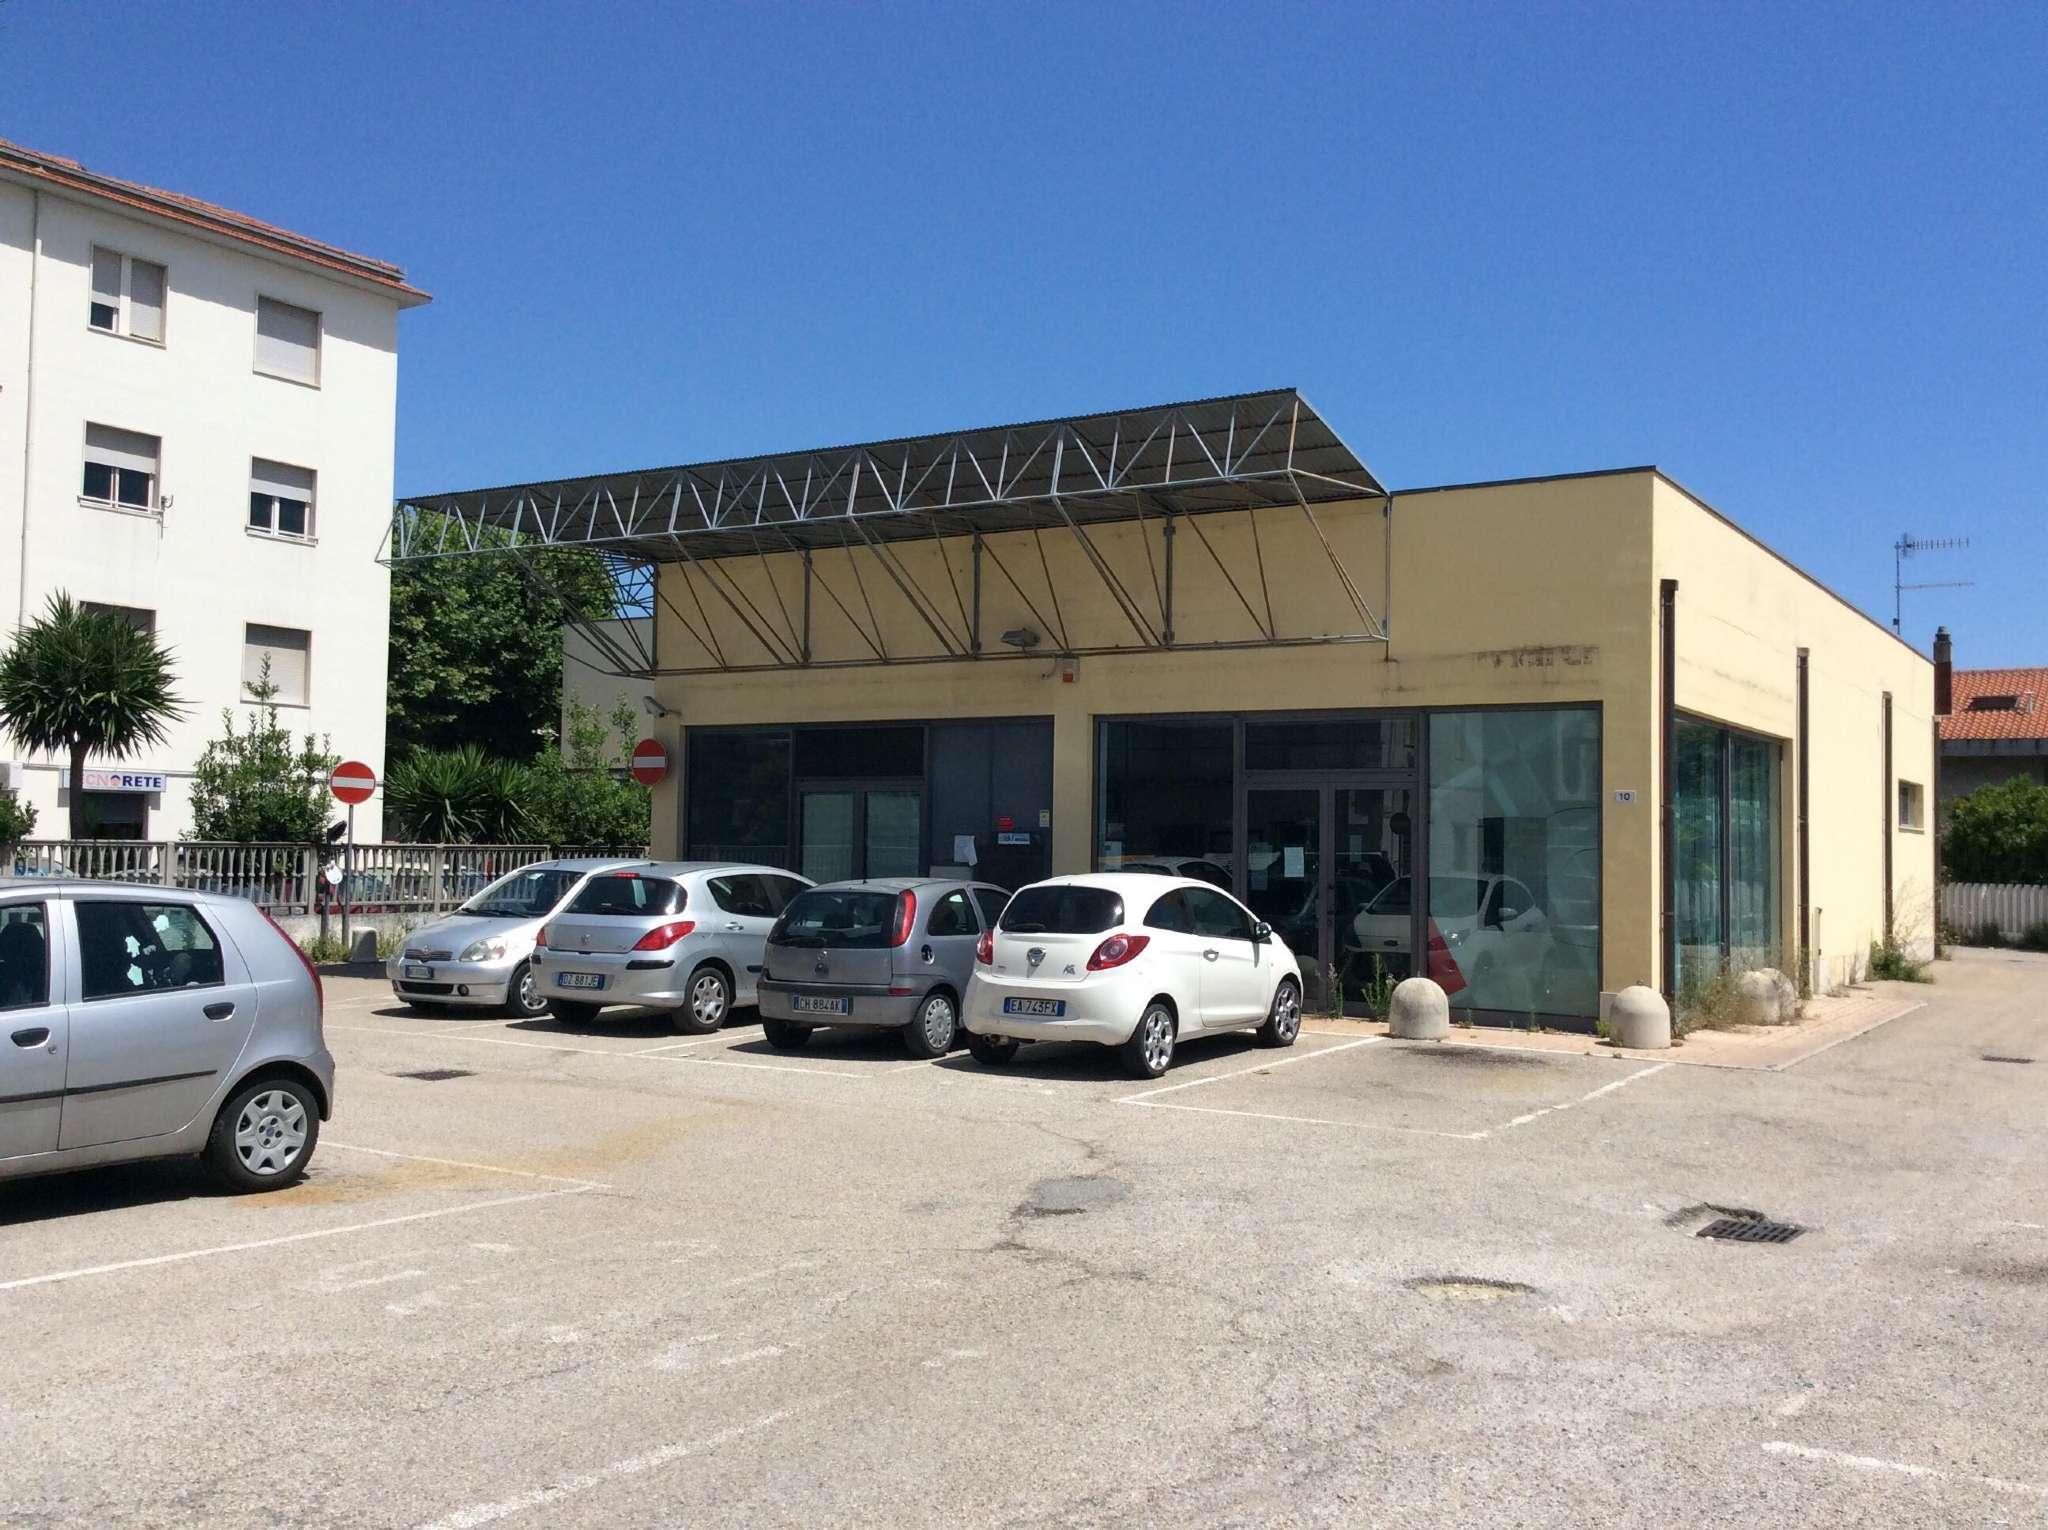 locale commerciale centro di Montesilvano , mq 300 circa . ex filiale banca Rif. 7031819